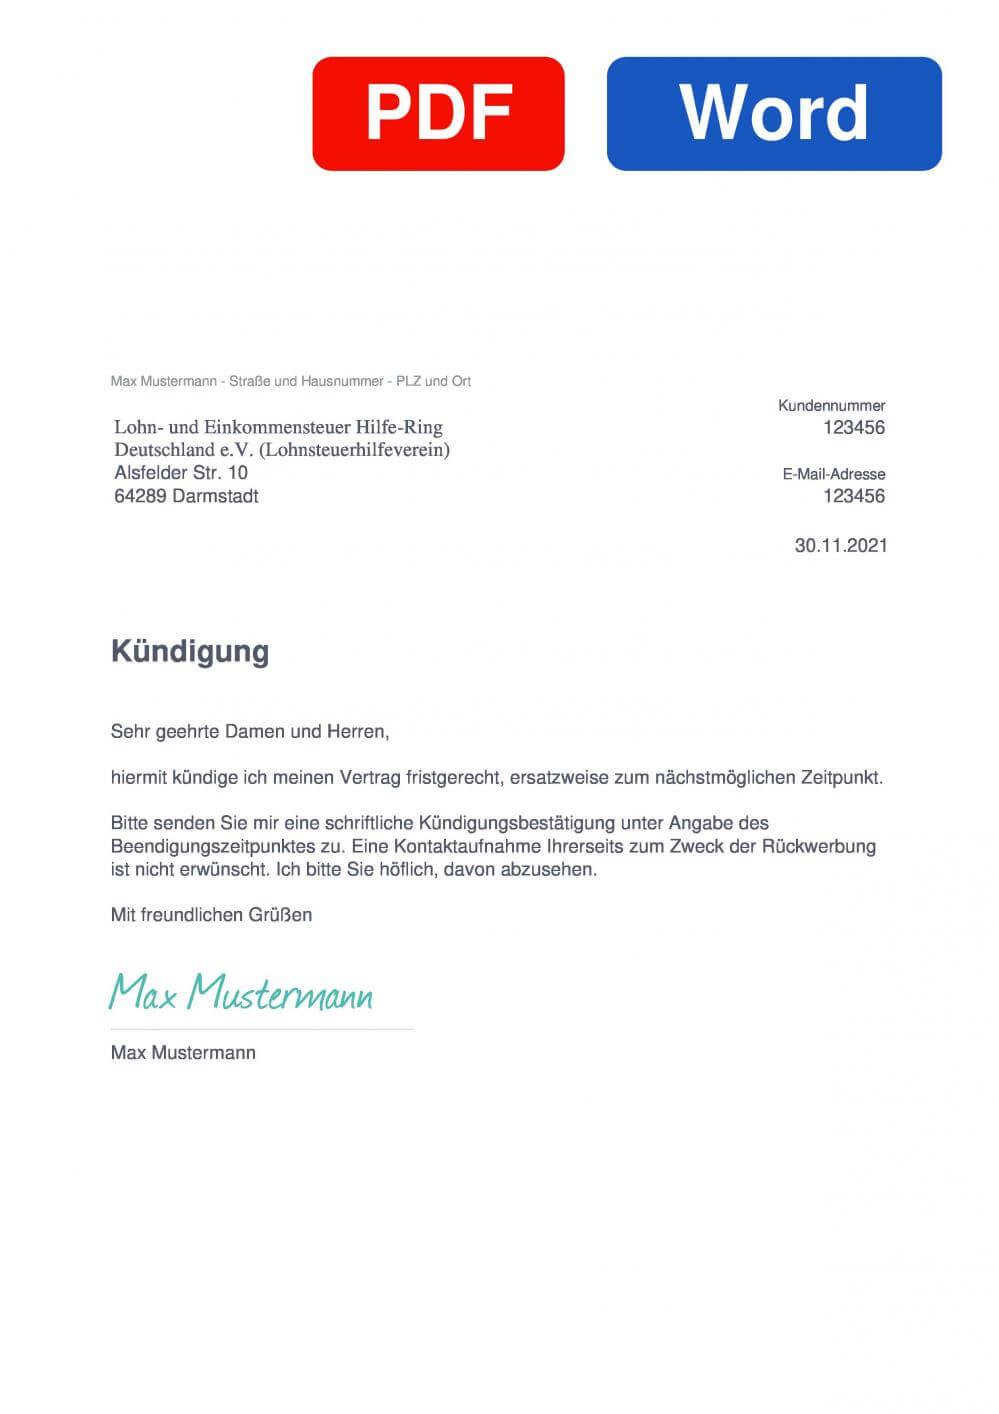 Lohn und Einkommensteuer Hilfe Ring Deutschland ev. Muster Vorlage für Kündigungsschreiben